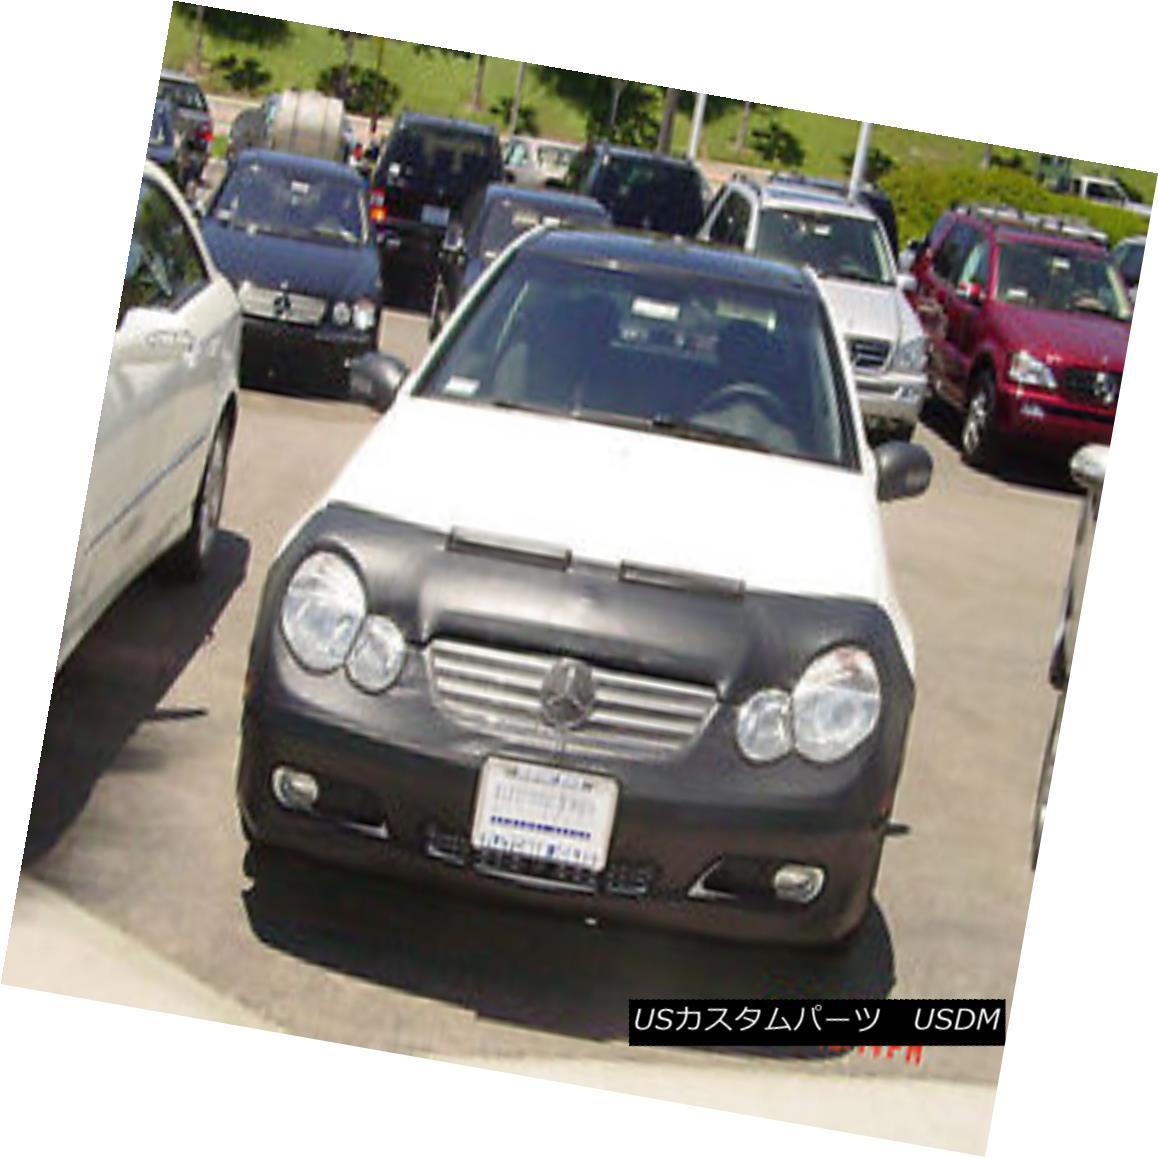 / Oタグに適合 Front W/O 2002-2004 Bra Coupe コルガンフロントエンドマスクブラ2pc Tag Mercedes-Benz メルセデスベンツC230クーペ2002-2004 W ノーズブラ フルブラ 2pc. Mask Fits End Colgan C230